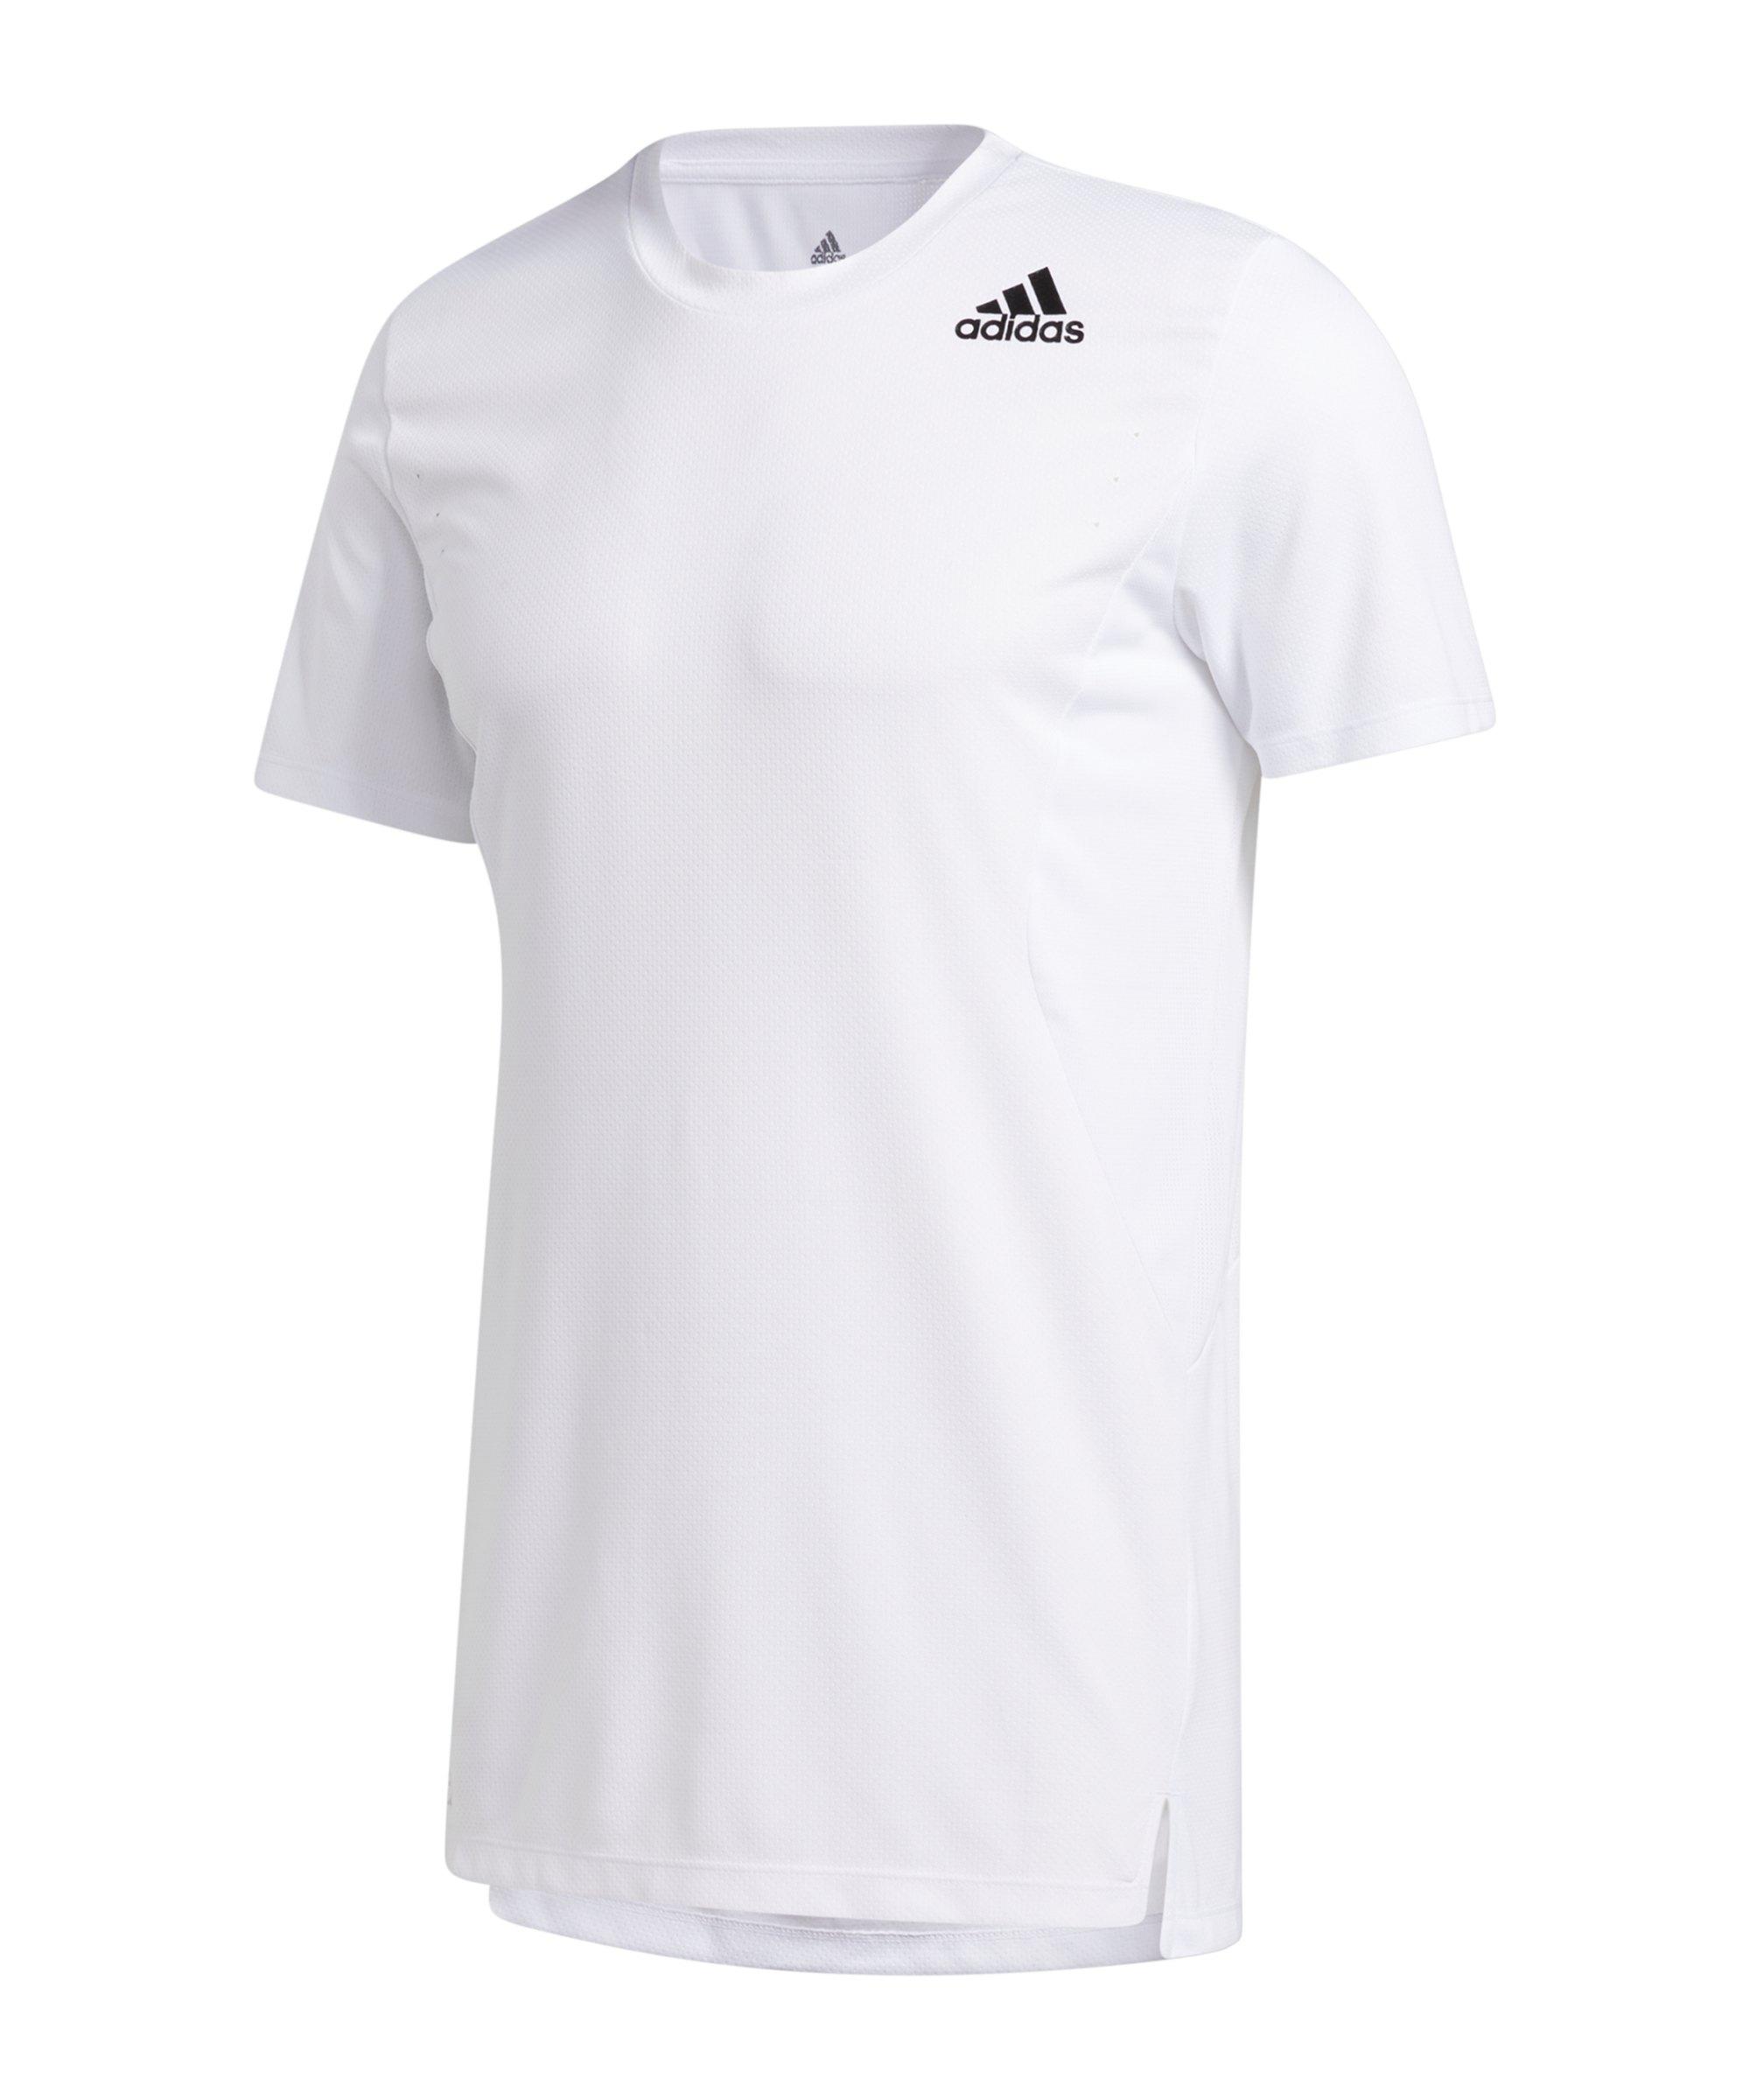 adidas HEAT.RDY T-Shirt Weiss - weiss